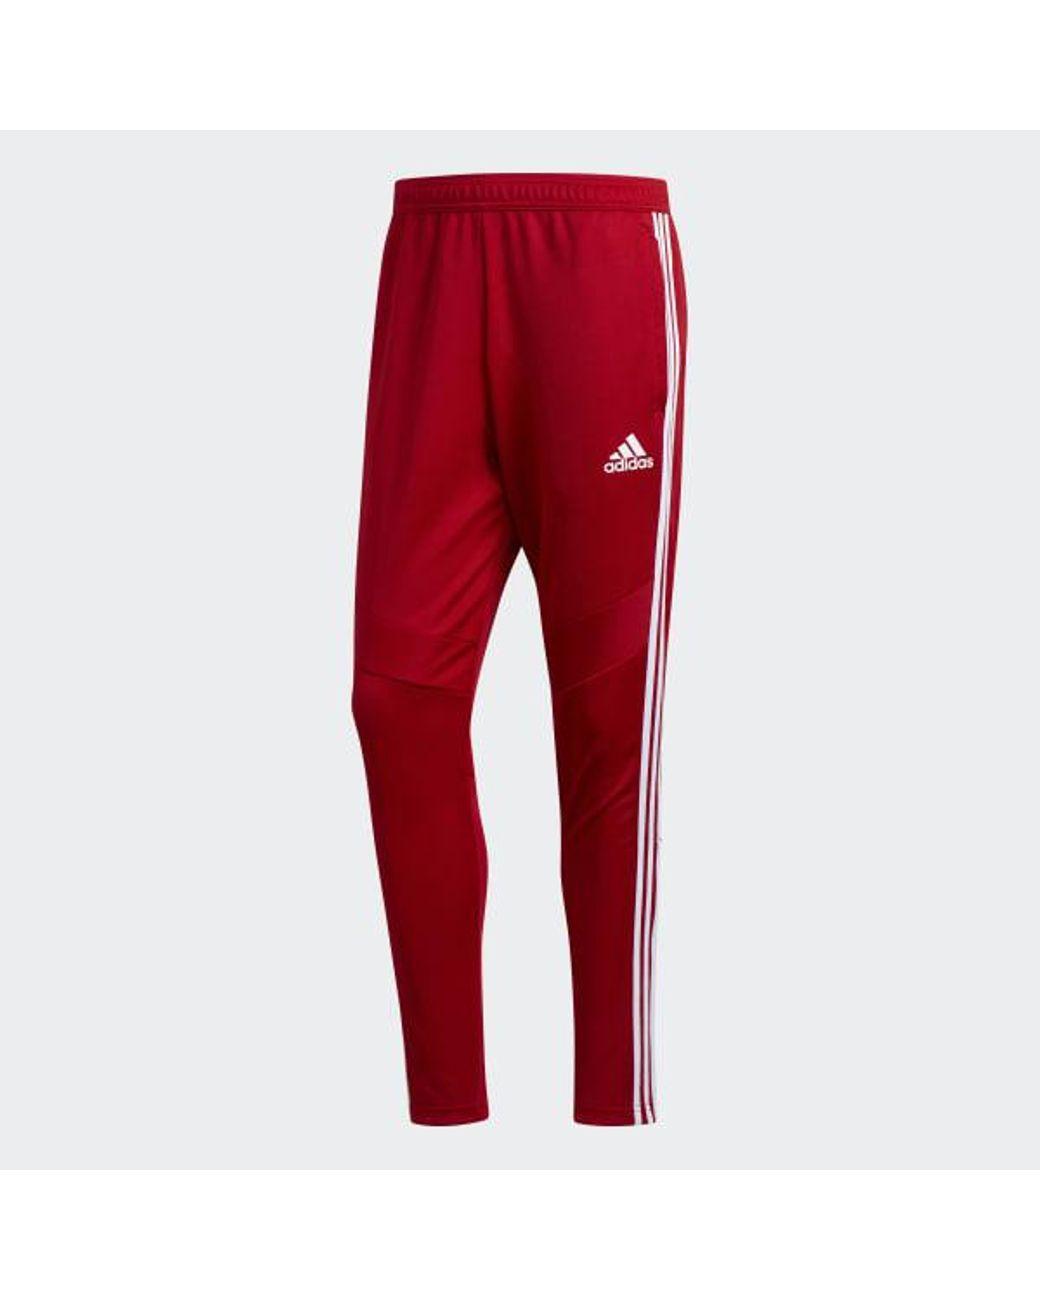 på fötter bilder av separationsskor trevligt billigt adidas Synthetic Tiro 19 Training Pants in Red for Men - Lyst